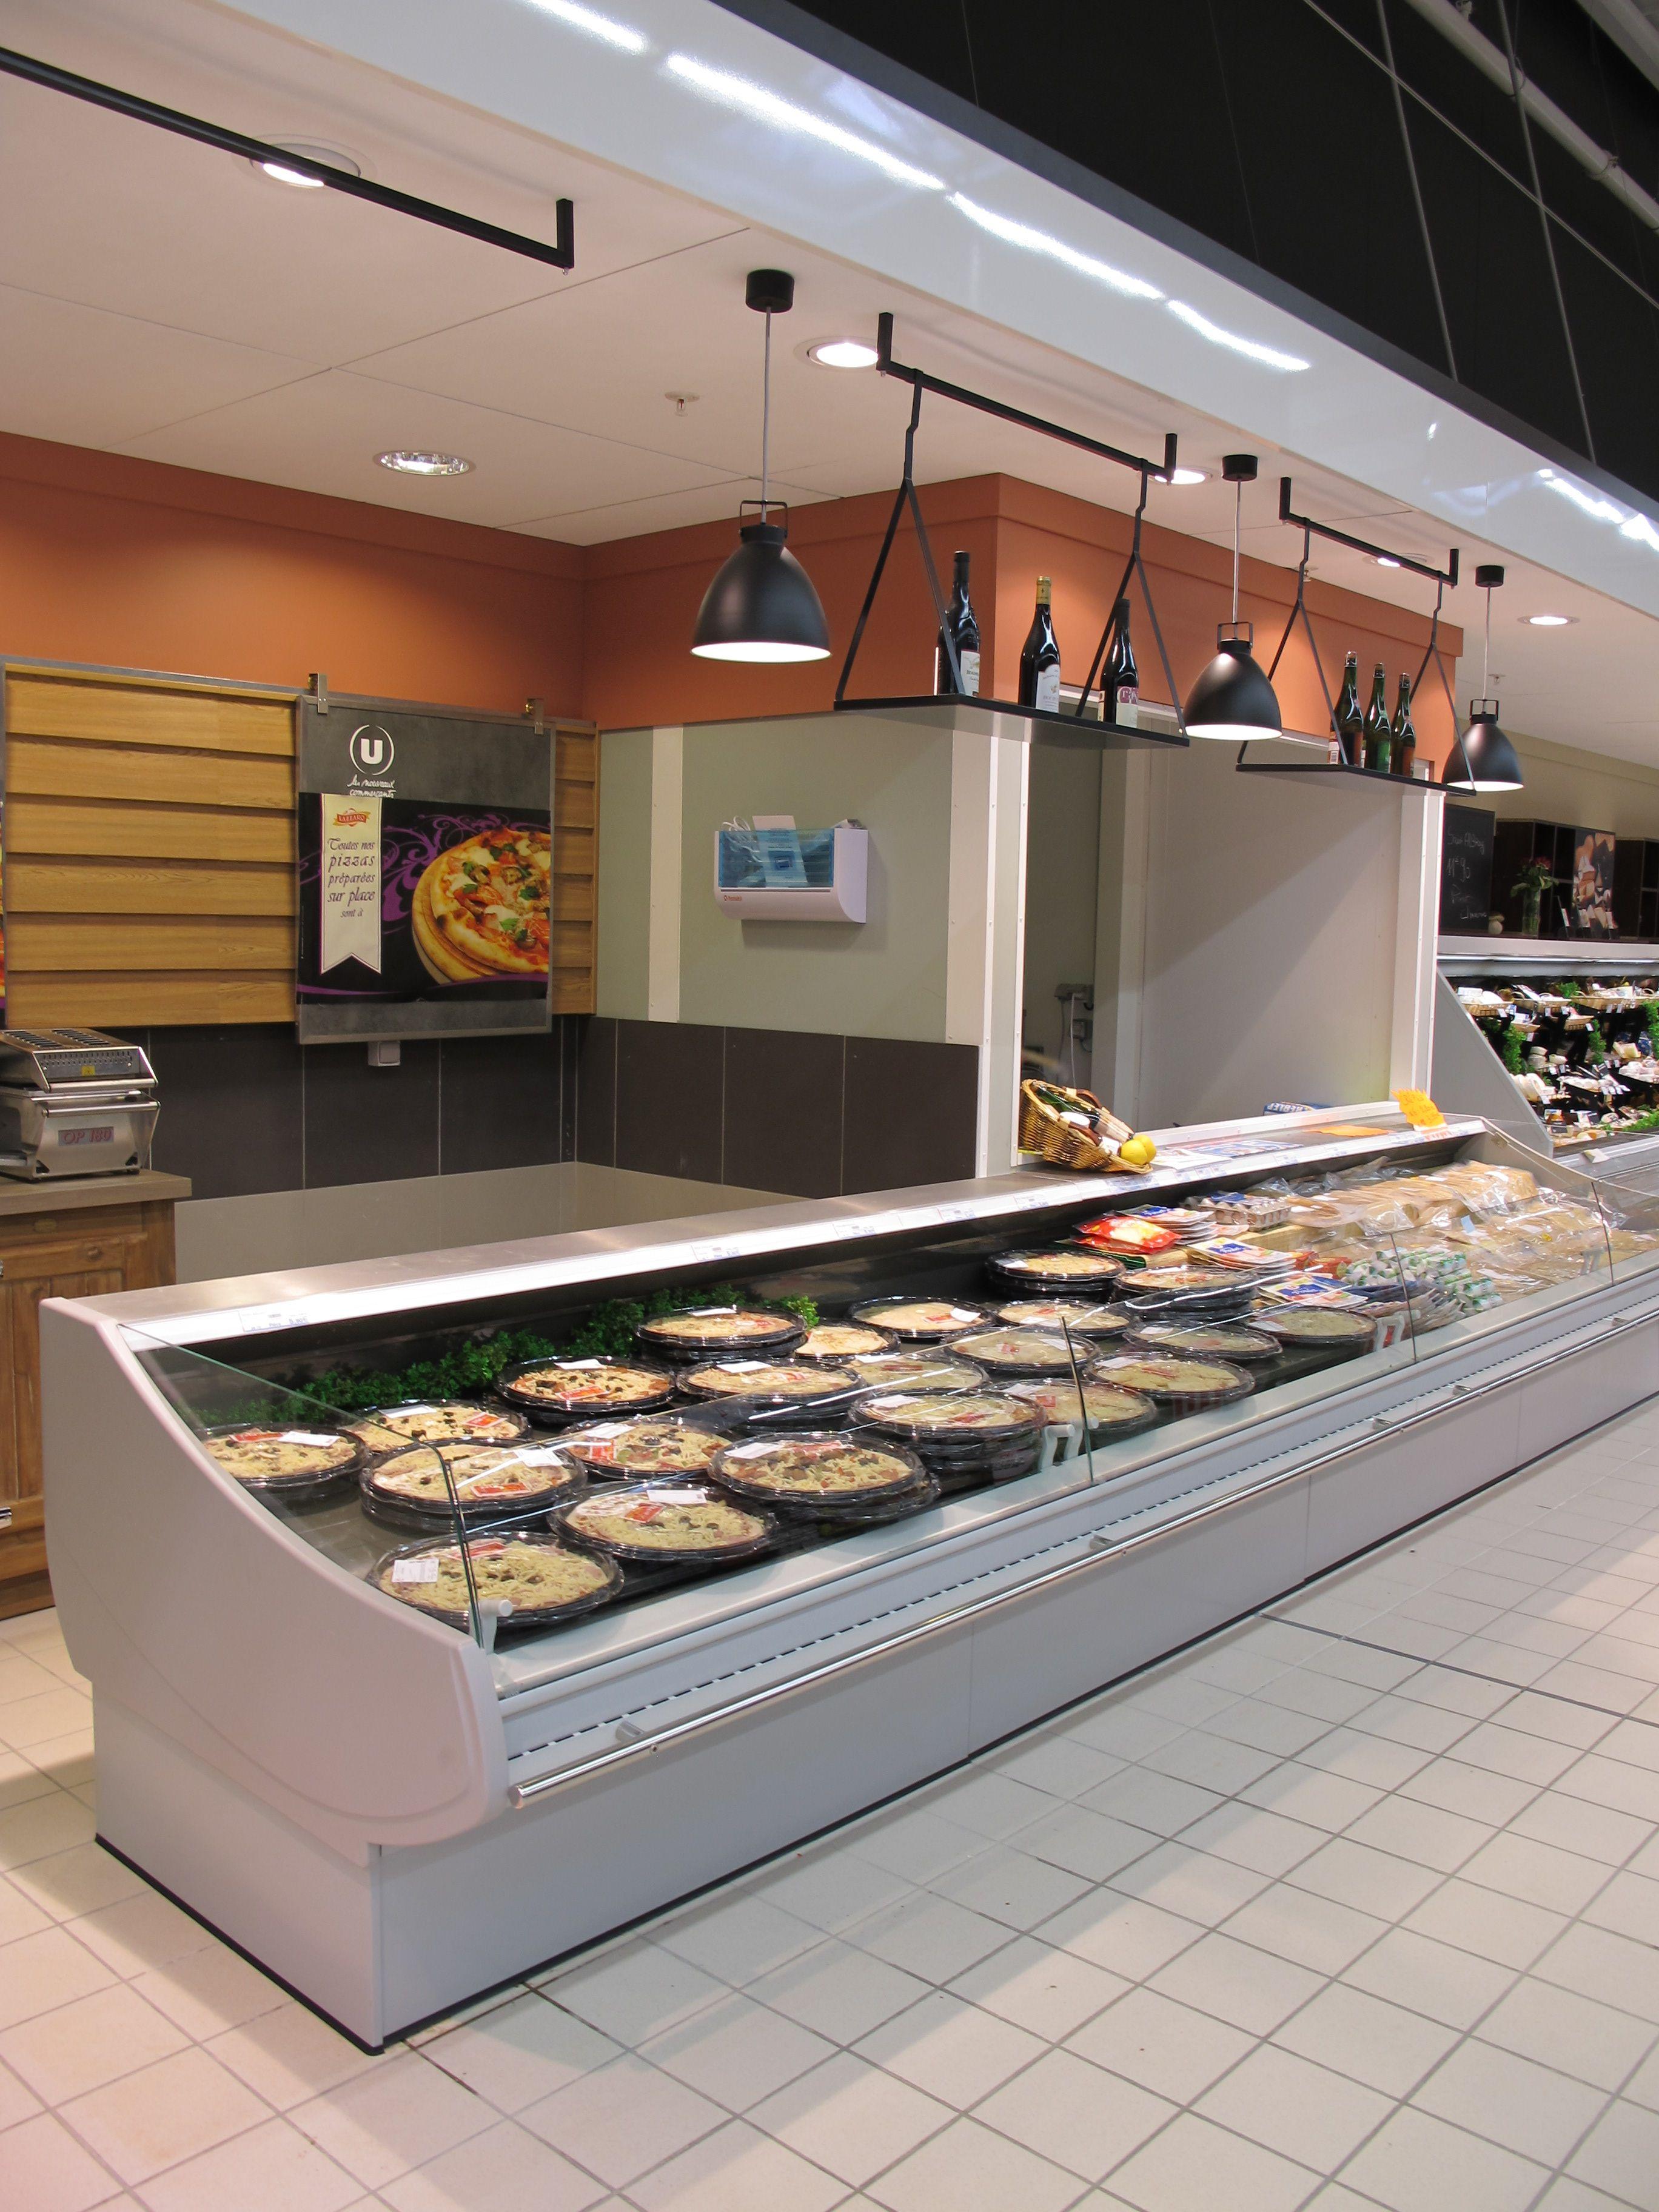 Rayon Traiteur Supermarche Grande Distribution Etalages De Magasin Agenceur